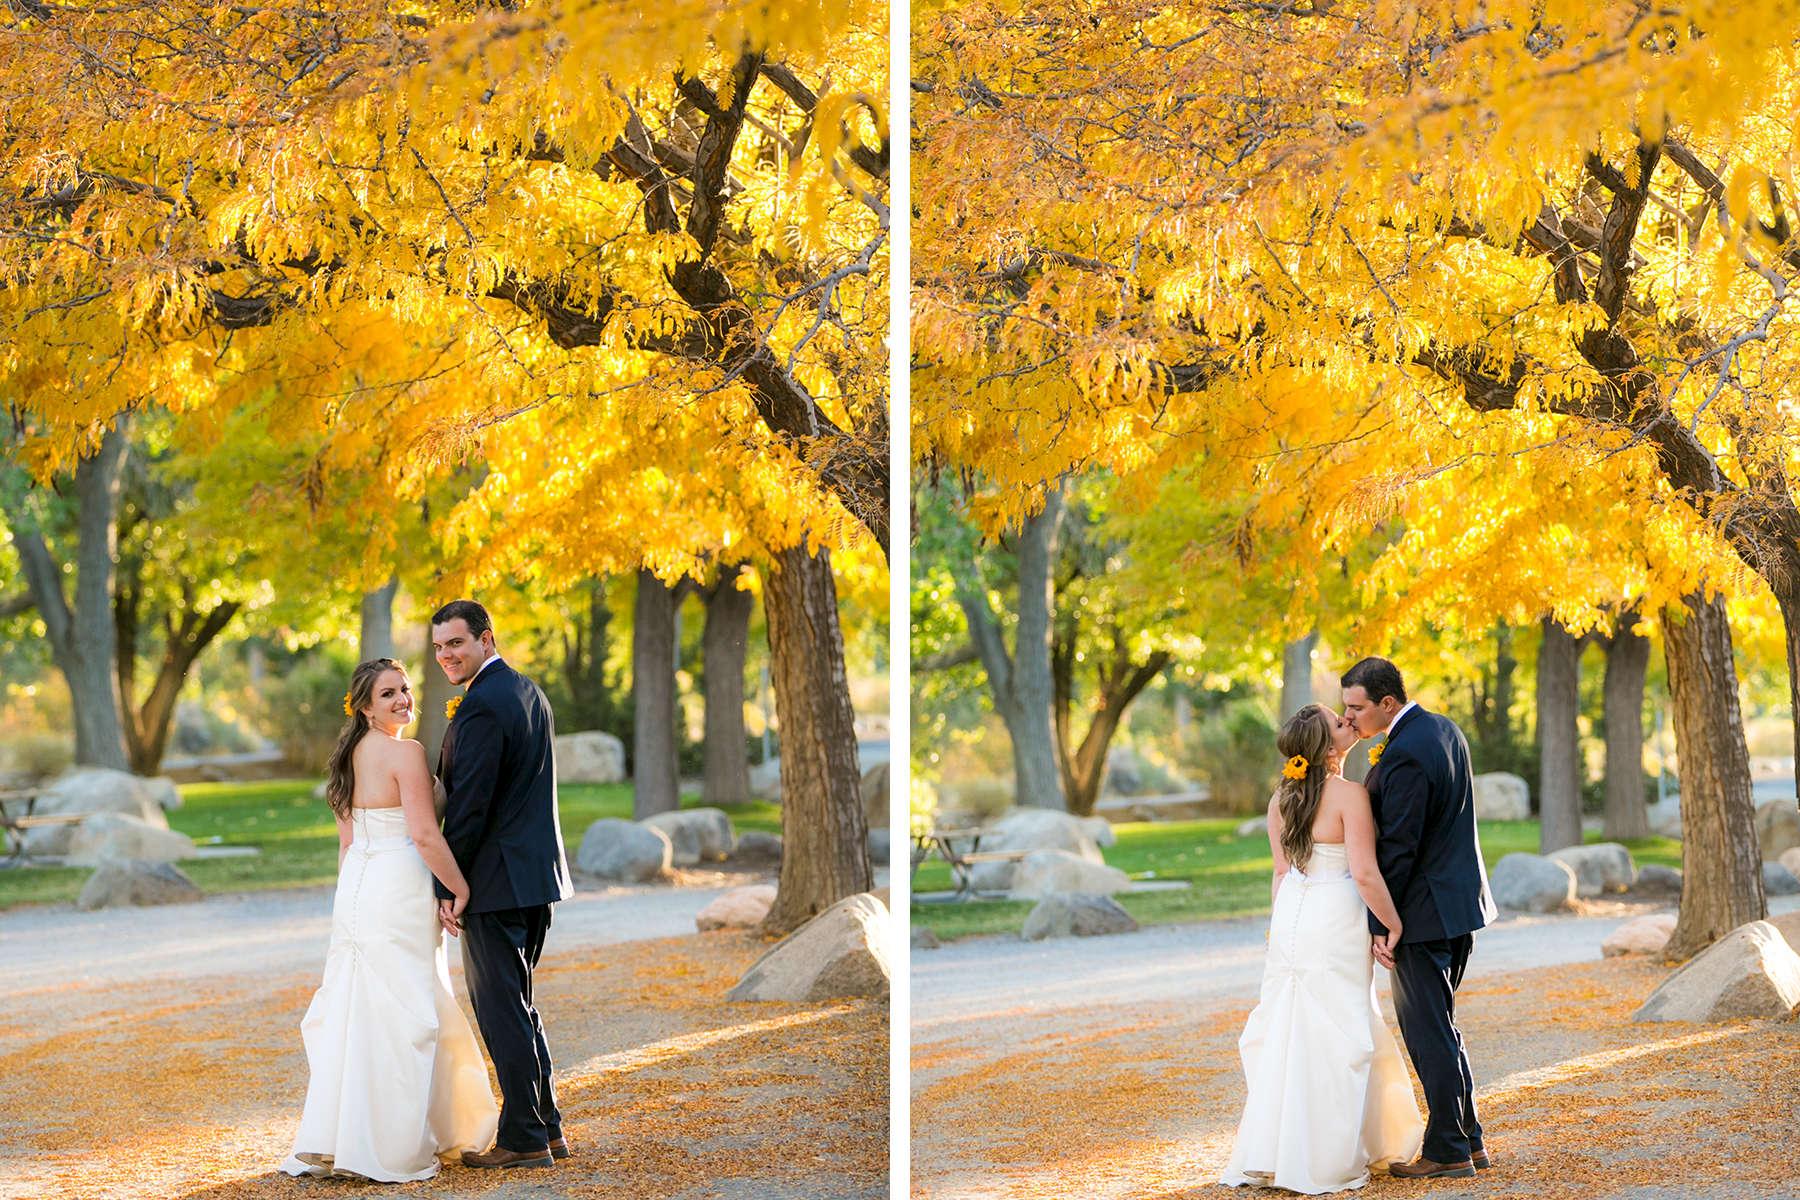 River-School-Farm-Weddings-22-